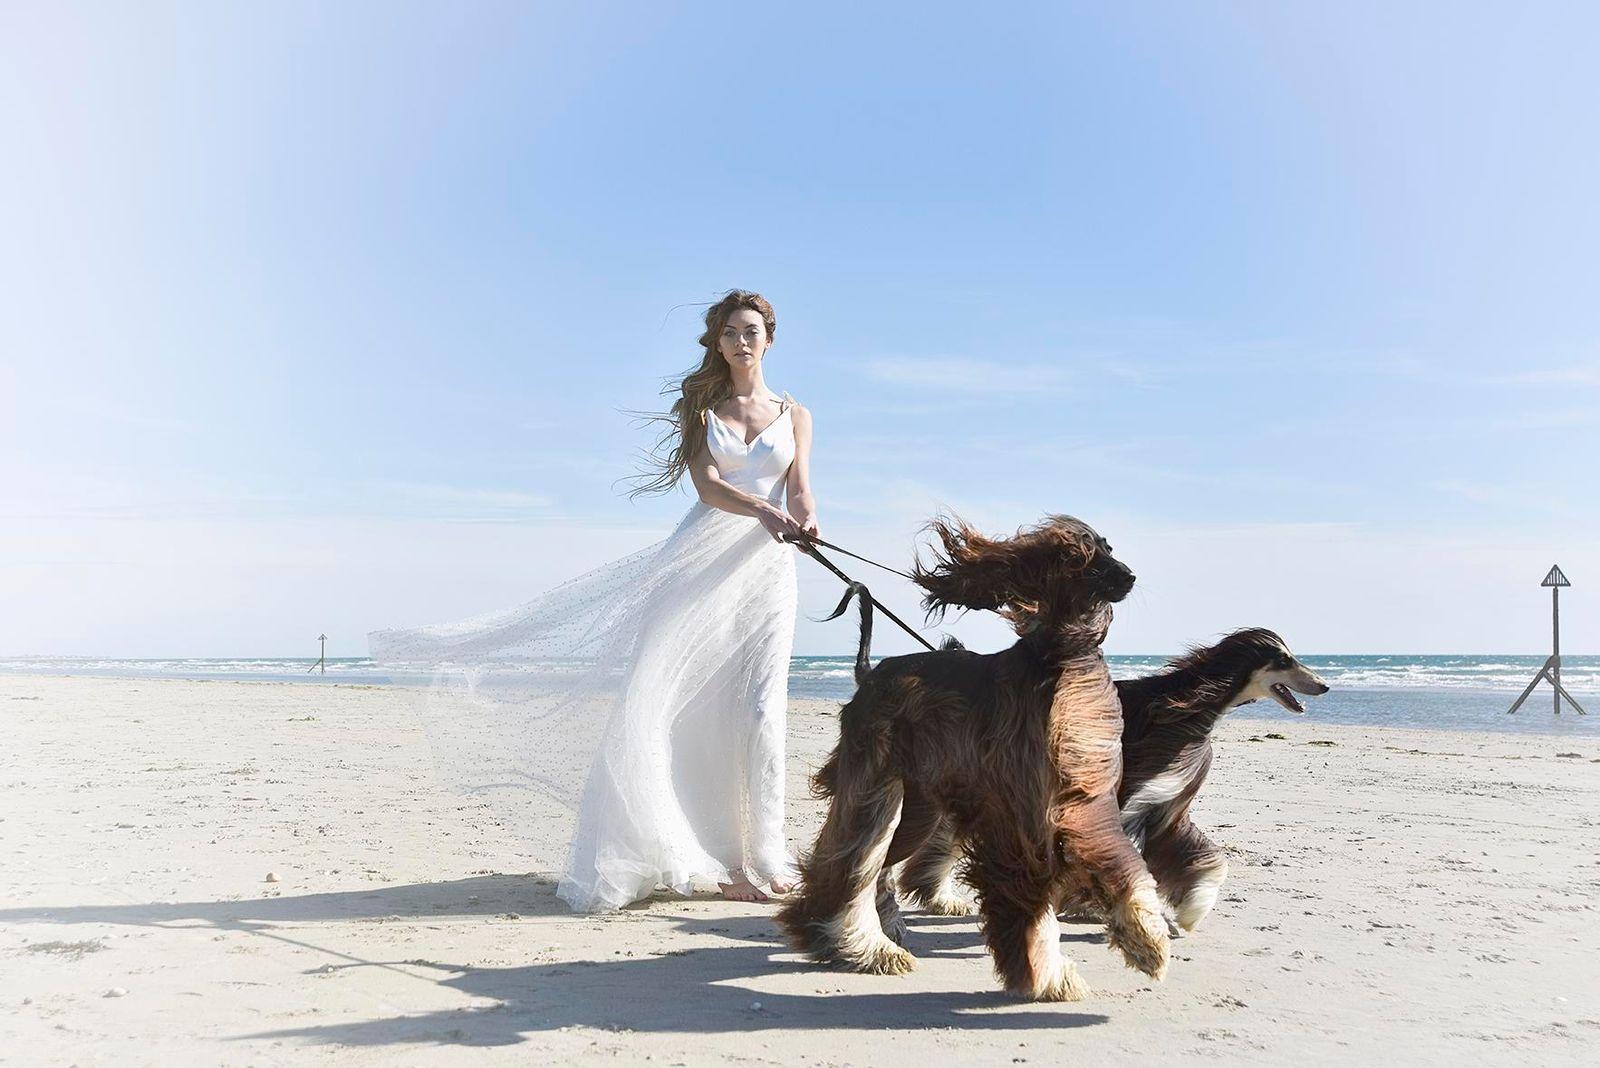 Sassi Holford Bridal Campaign 2018/19